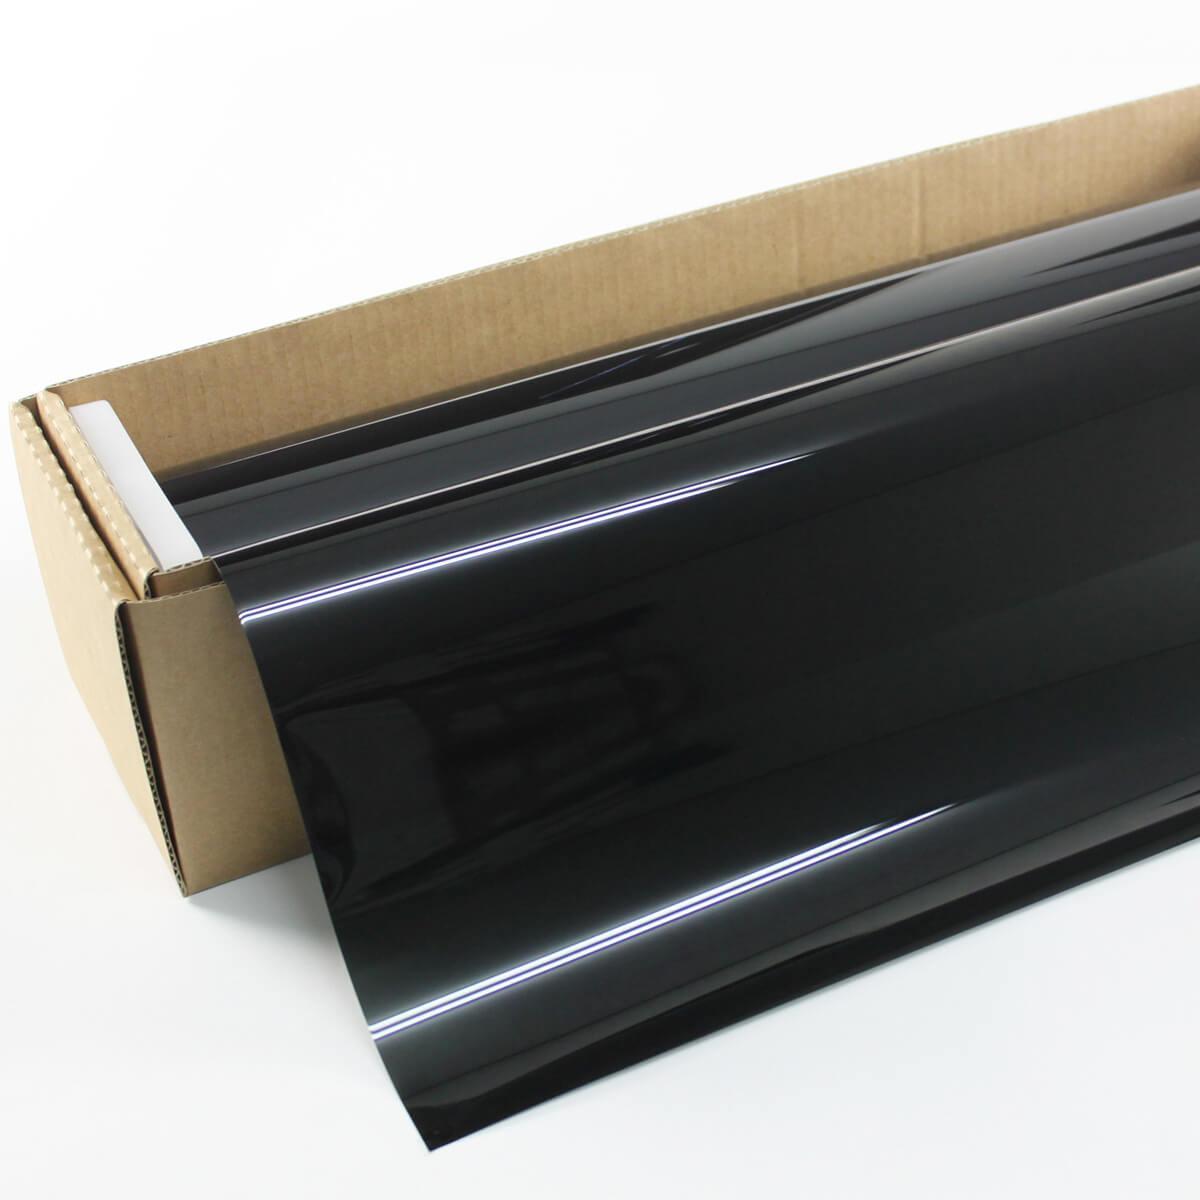 カーフィルム 窓ガラスフィルム プロ・断熱スモーク05(5%) 1m幅×30mロール箱売 スモークフィルム 遮熱フィルム 断熱フィルム UVカットフィルム ブレインテック Braintec